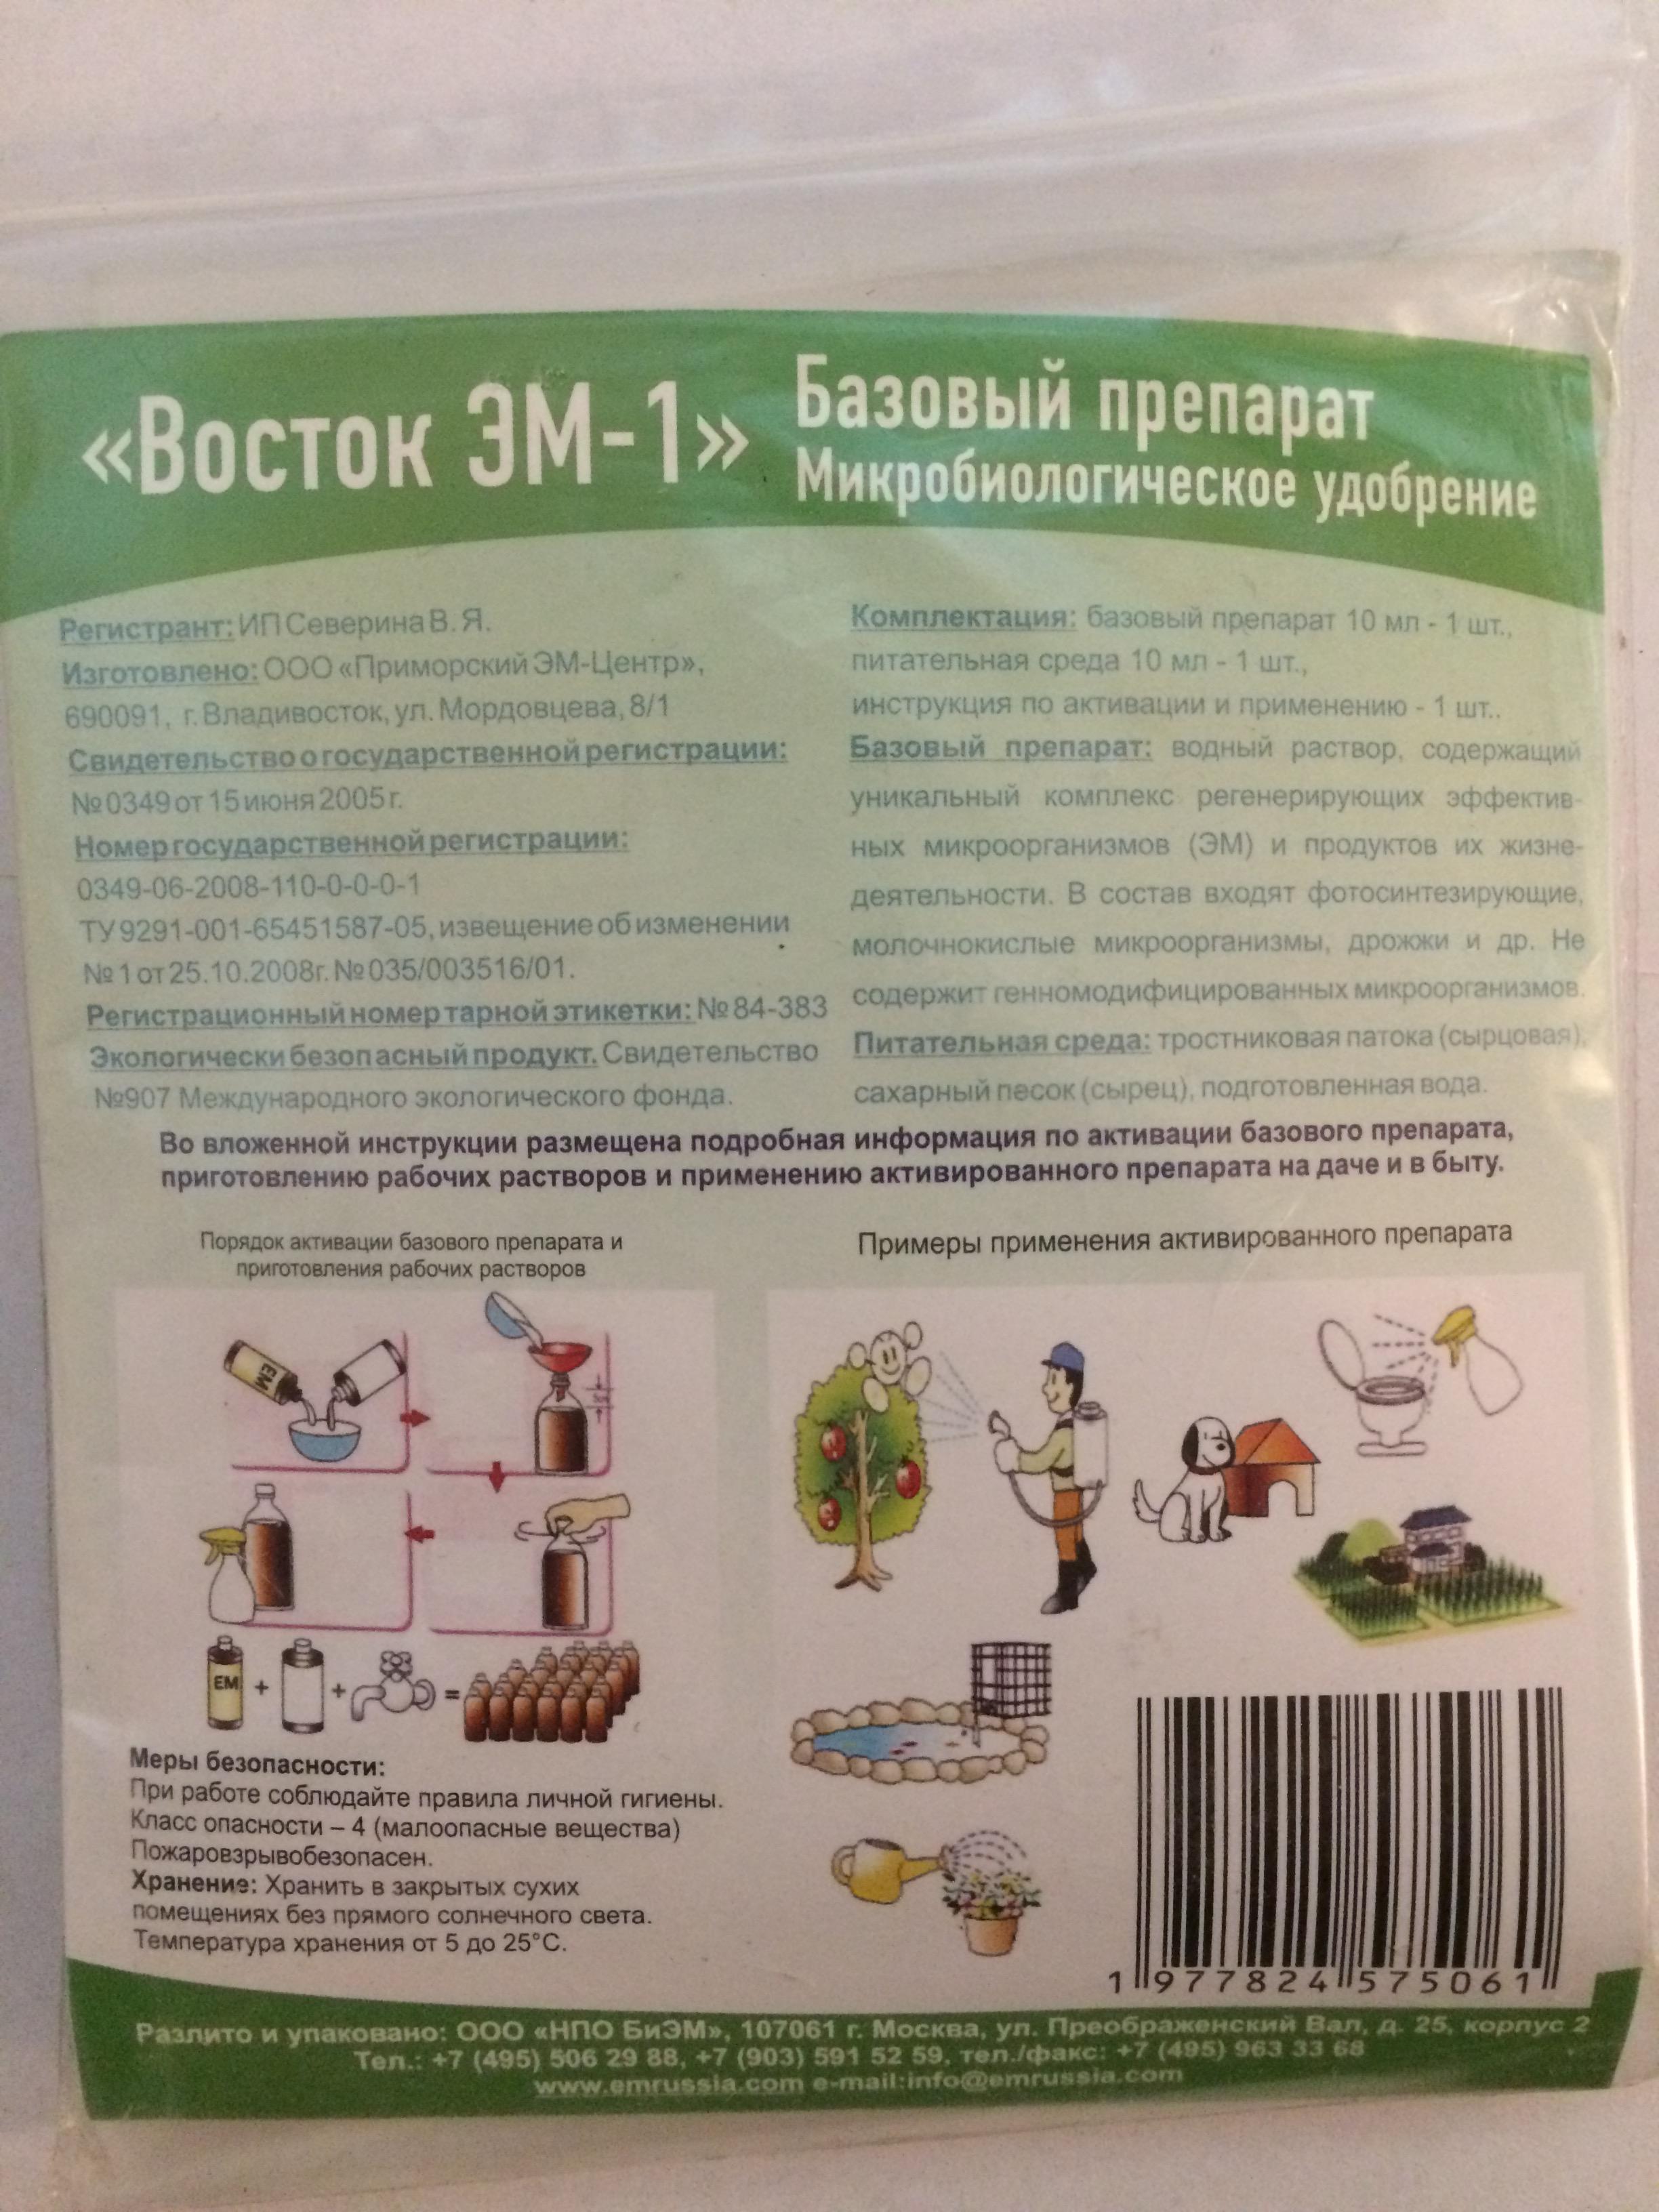 vostok-0-1 (2)